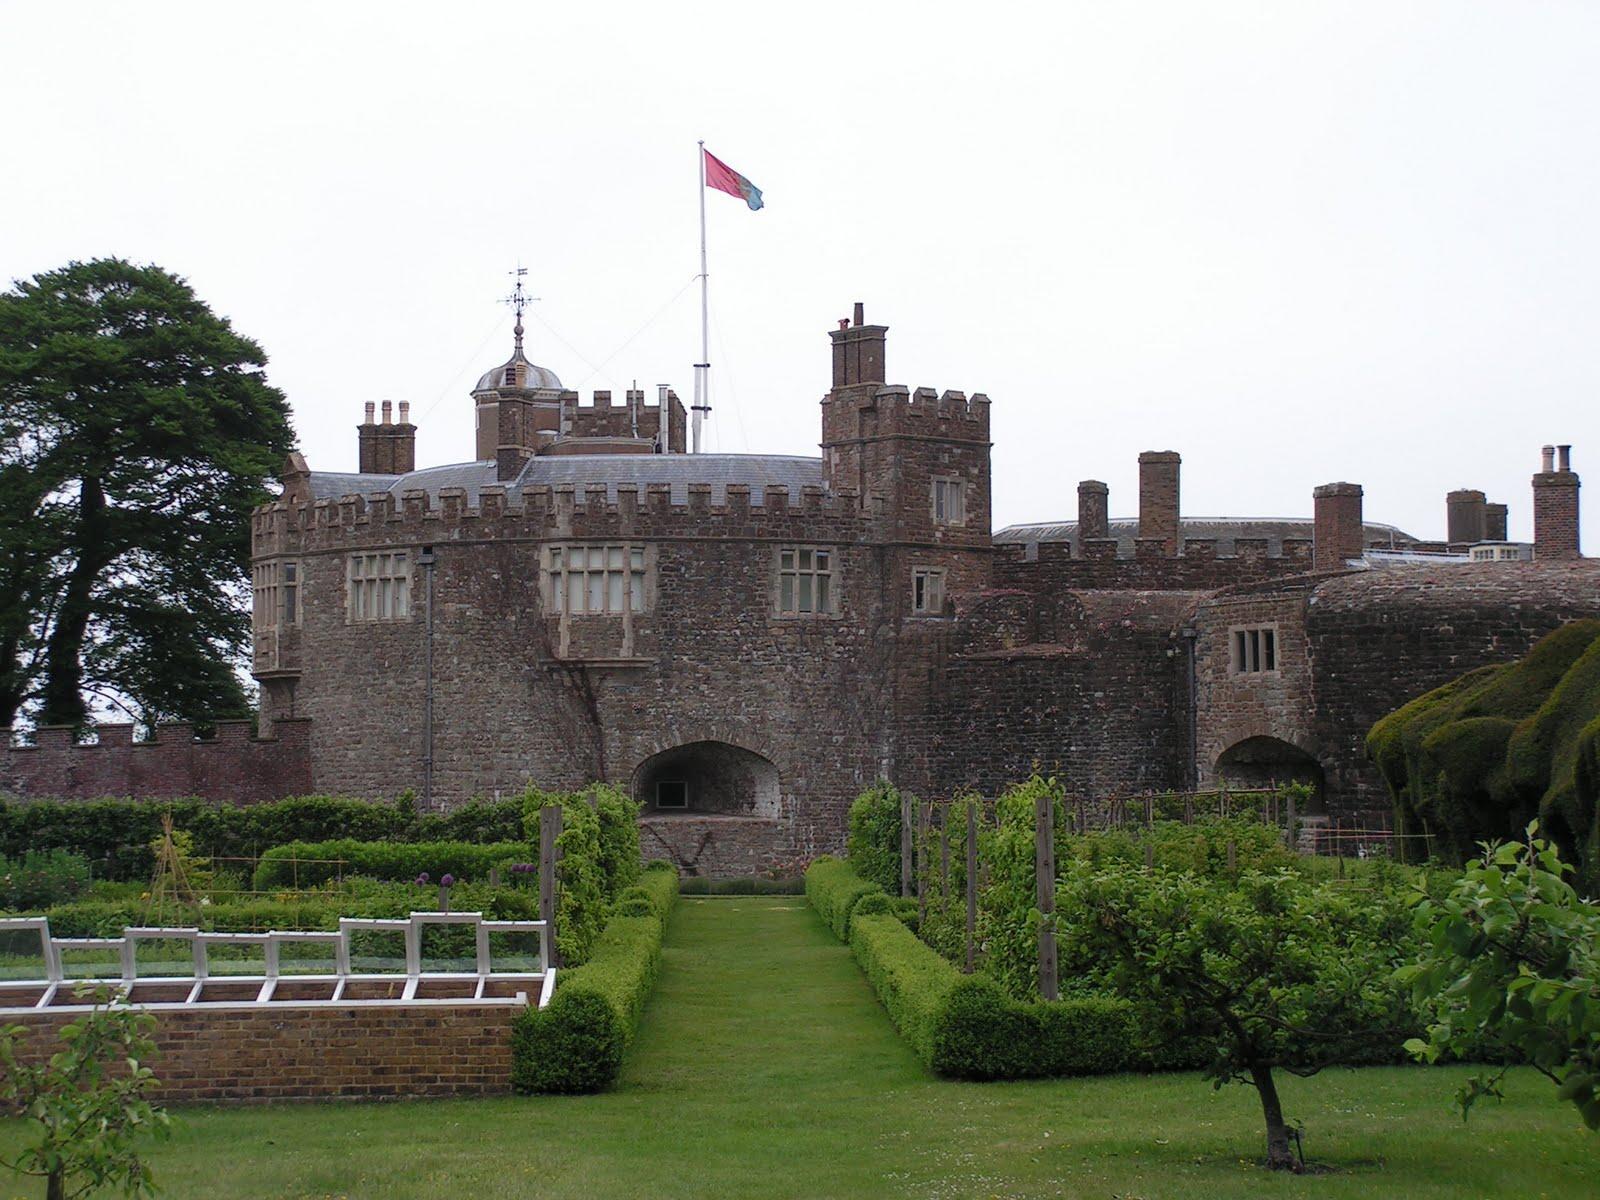 leeds castle kent england Wallpapers HD - leeds castle kent england wallpapers